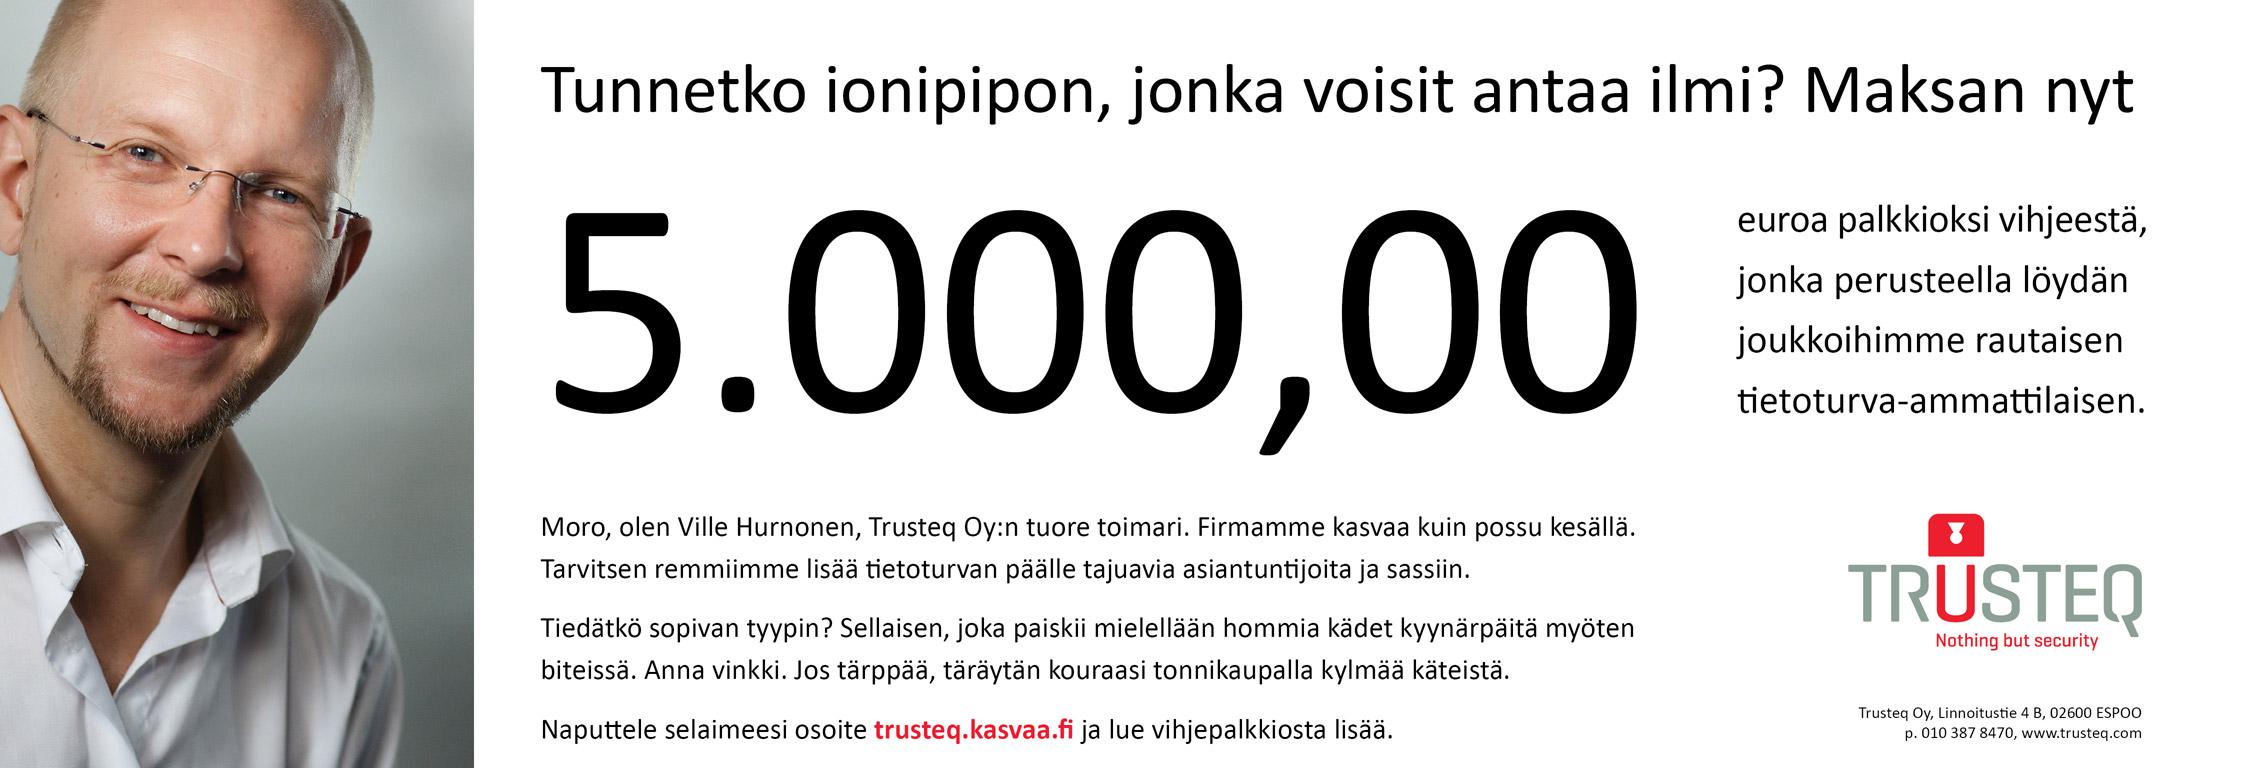 Trusteq-rekrytointi-ilmoitus, Helsingin Sanomat 30.8.2009